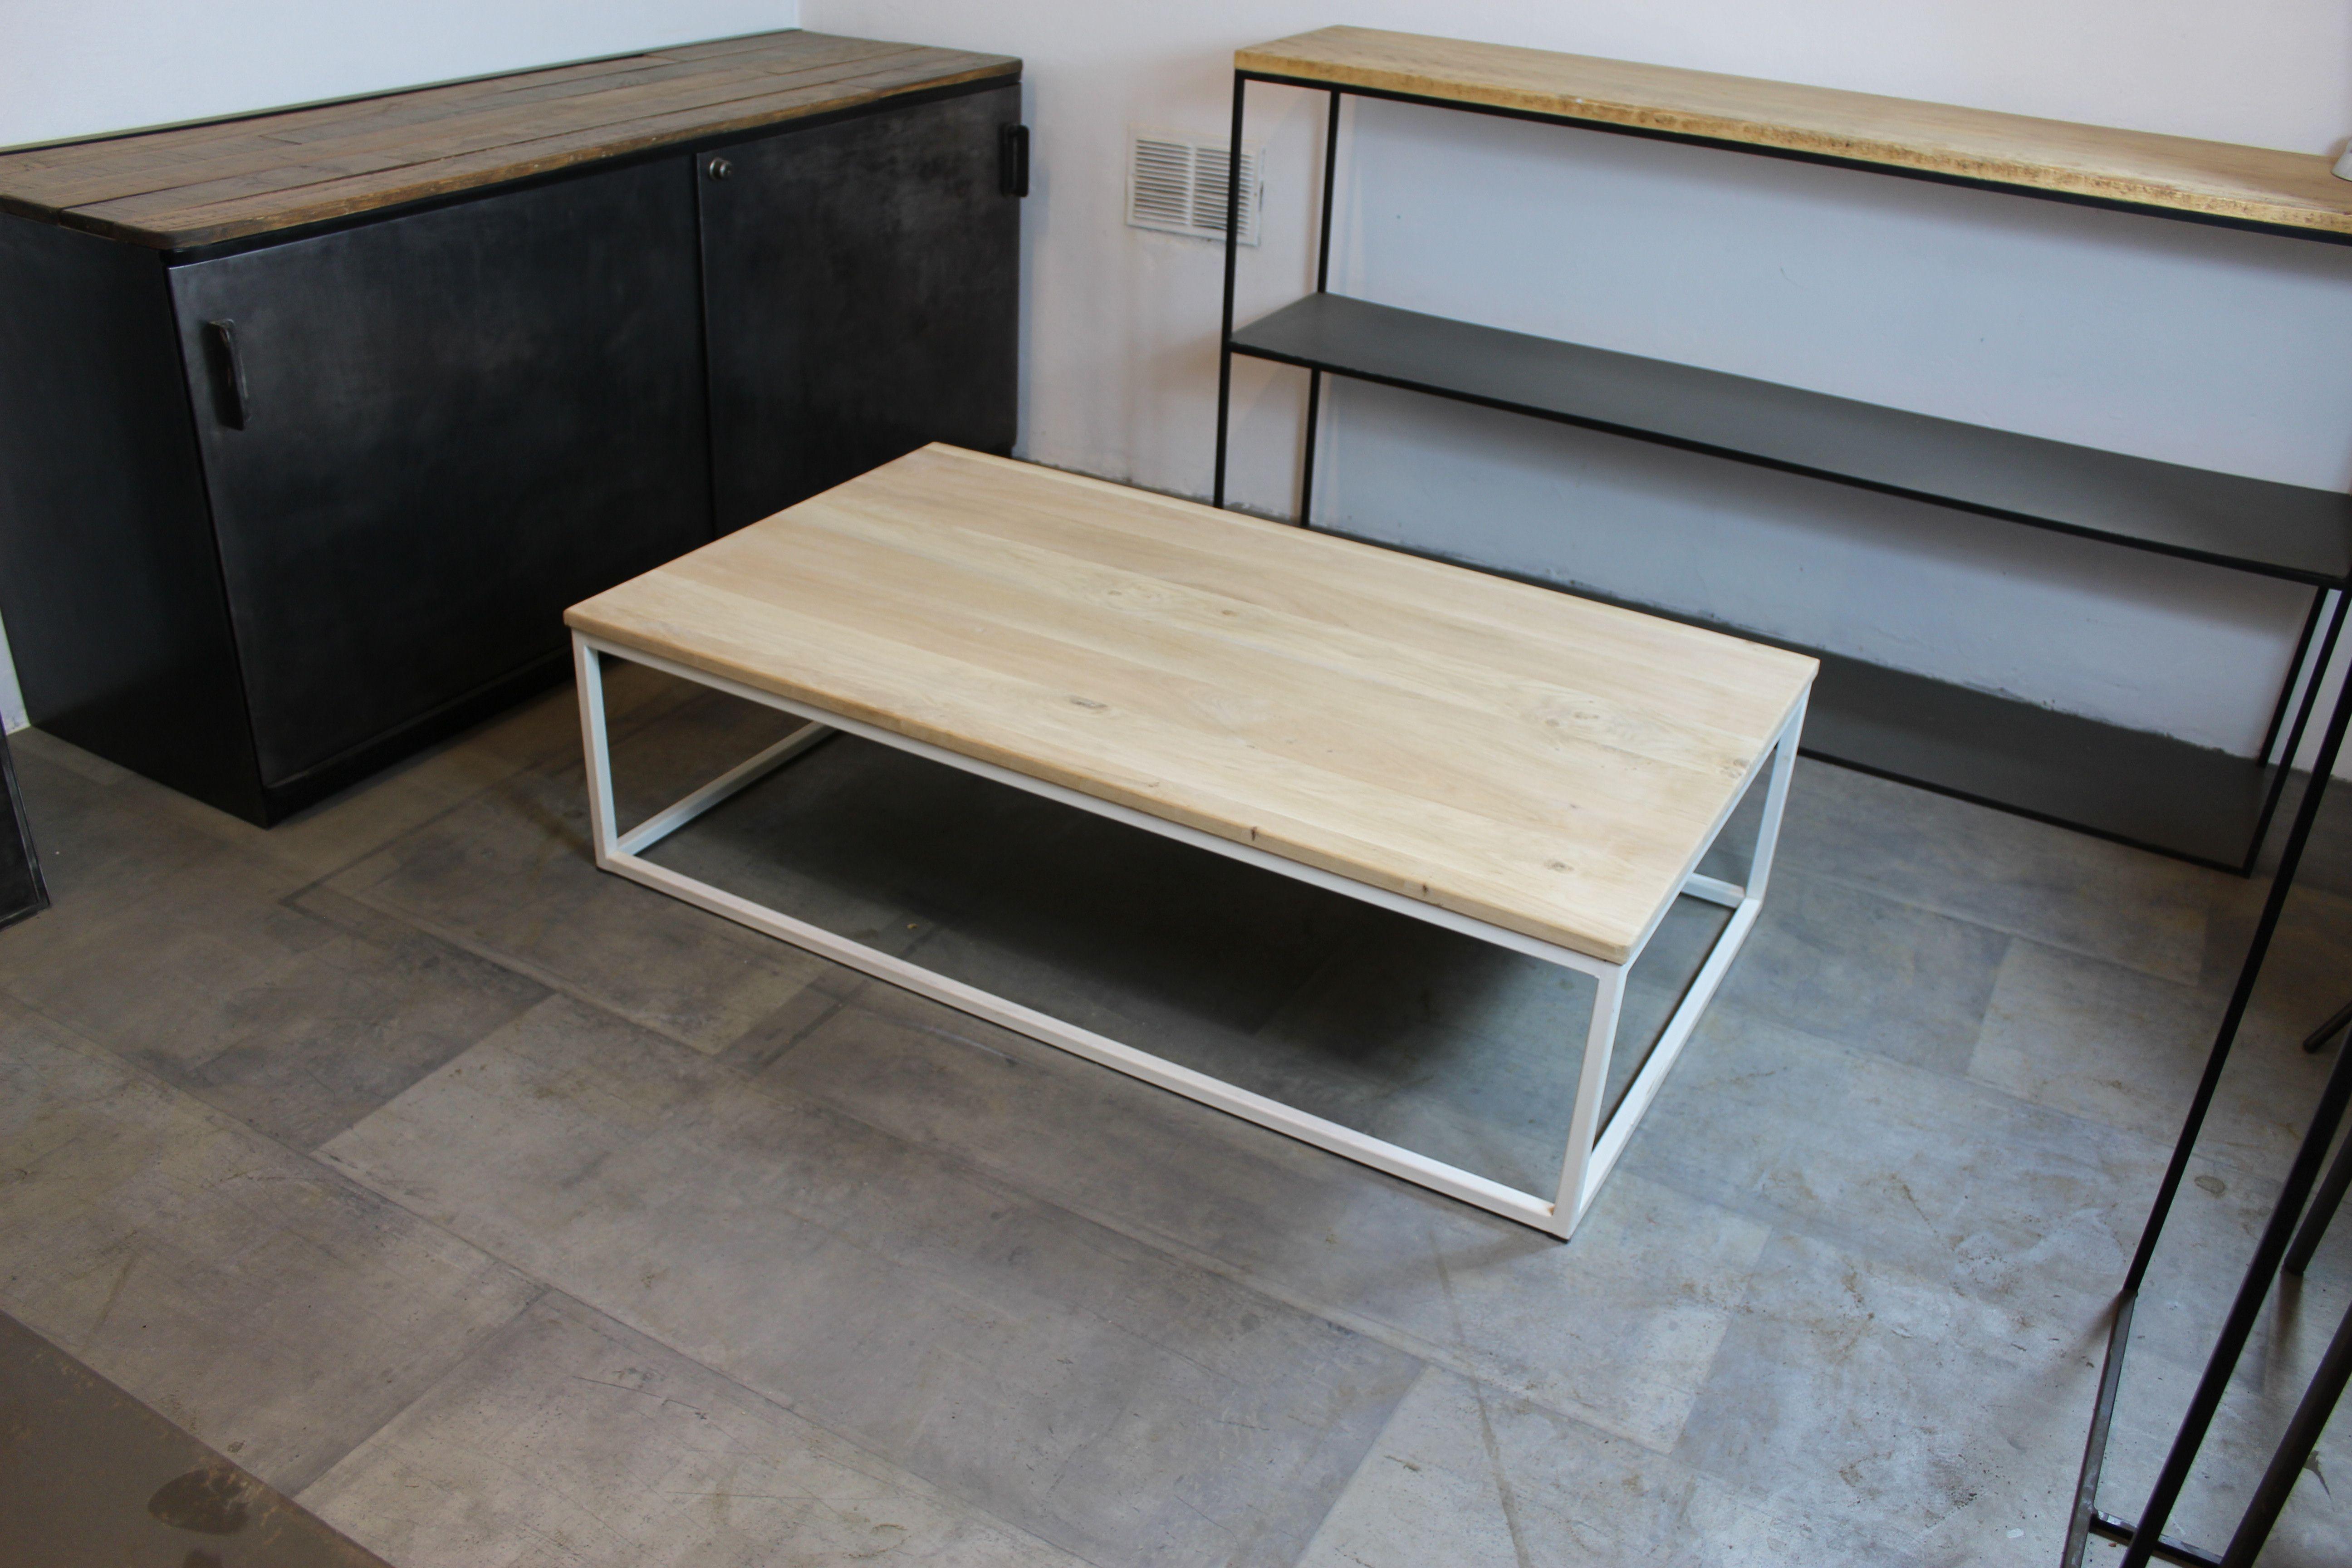 Table Basse Lignes Pur Es Tr S Actuelles Et Tendances Hauteur